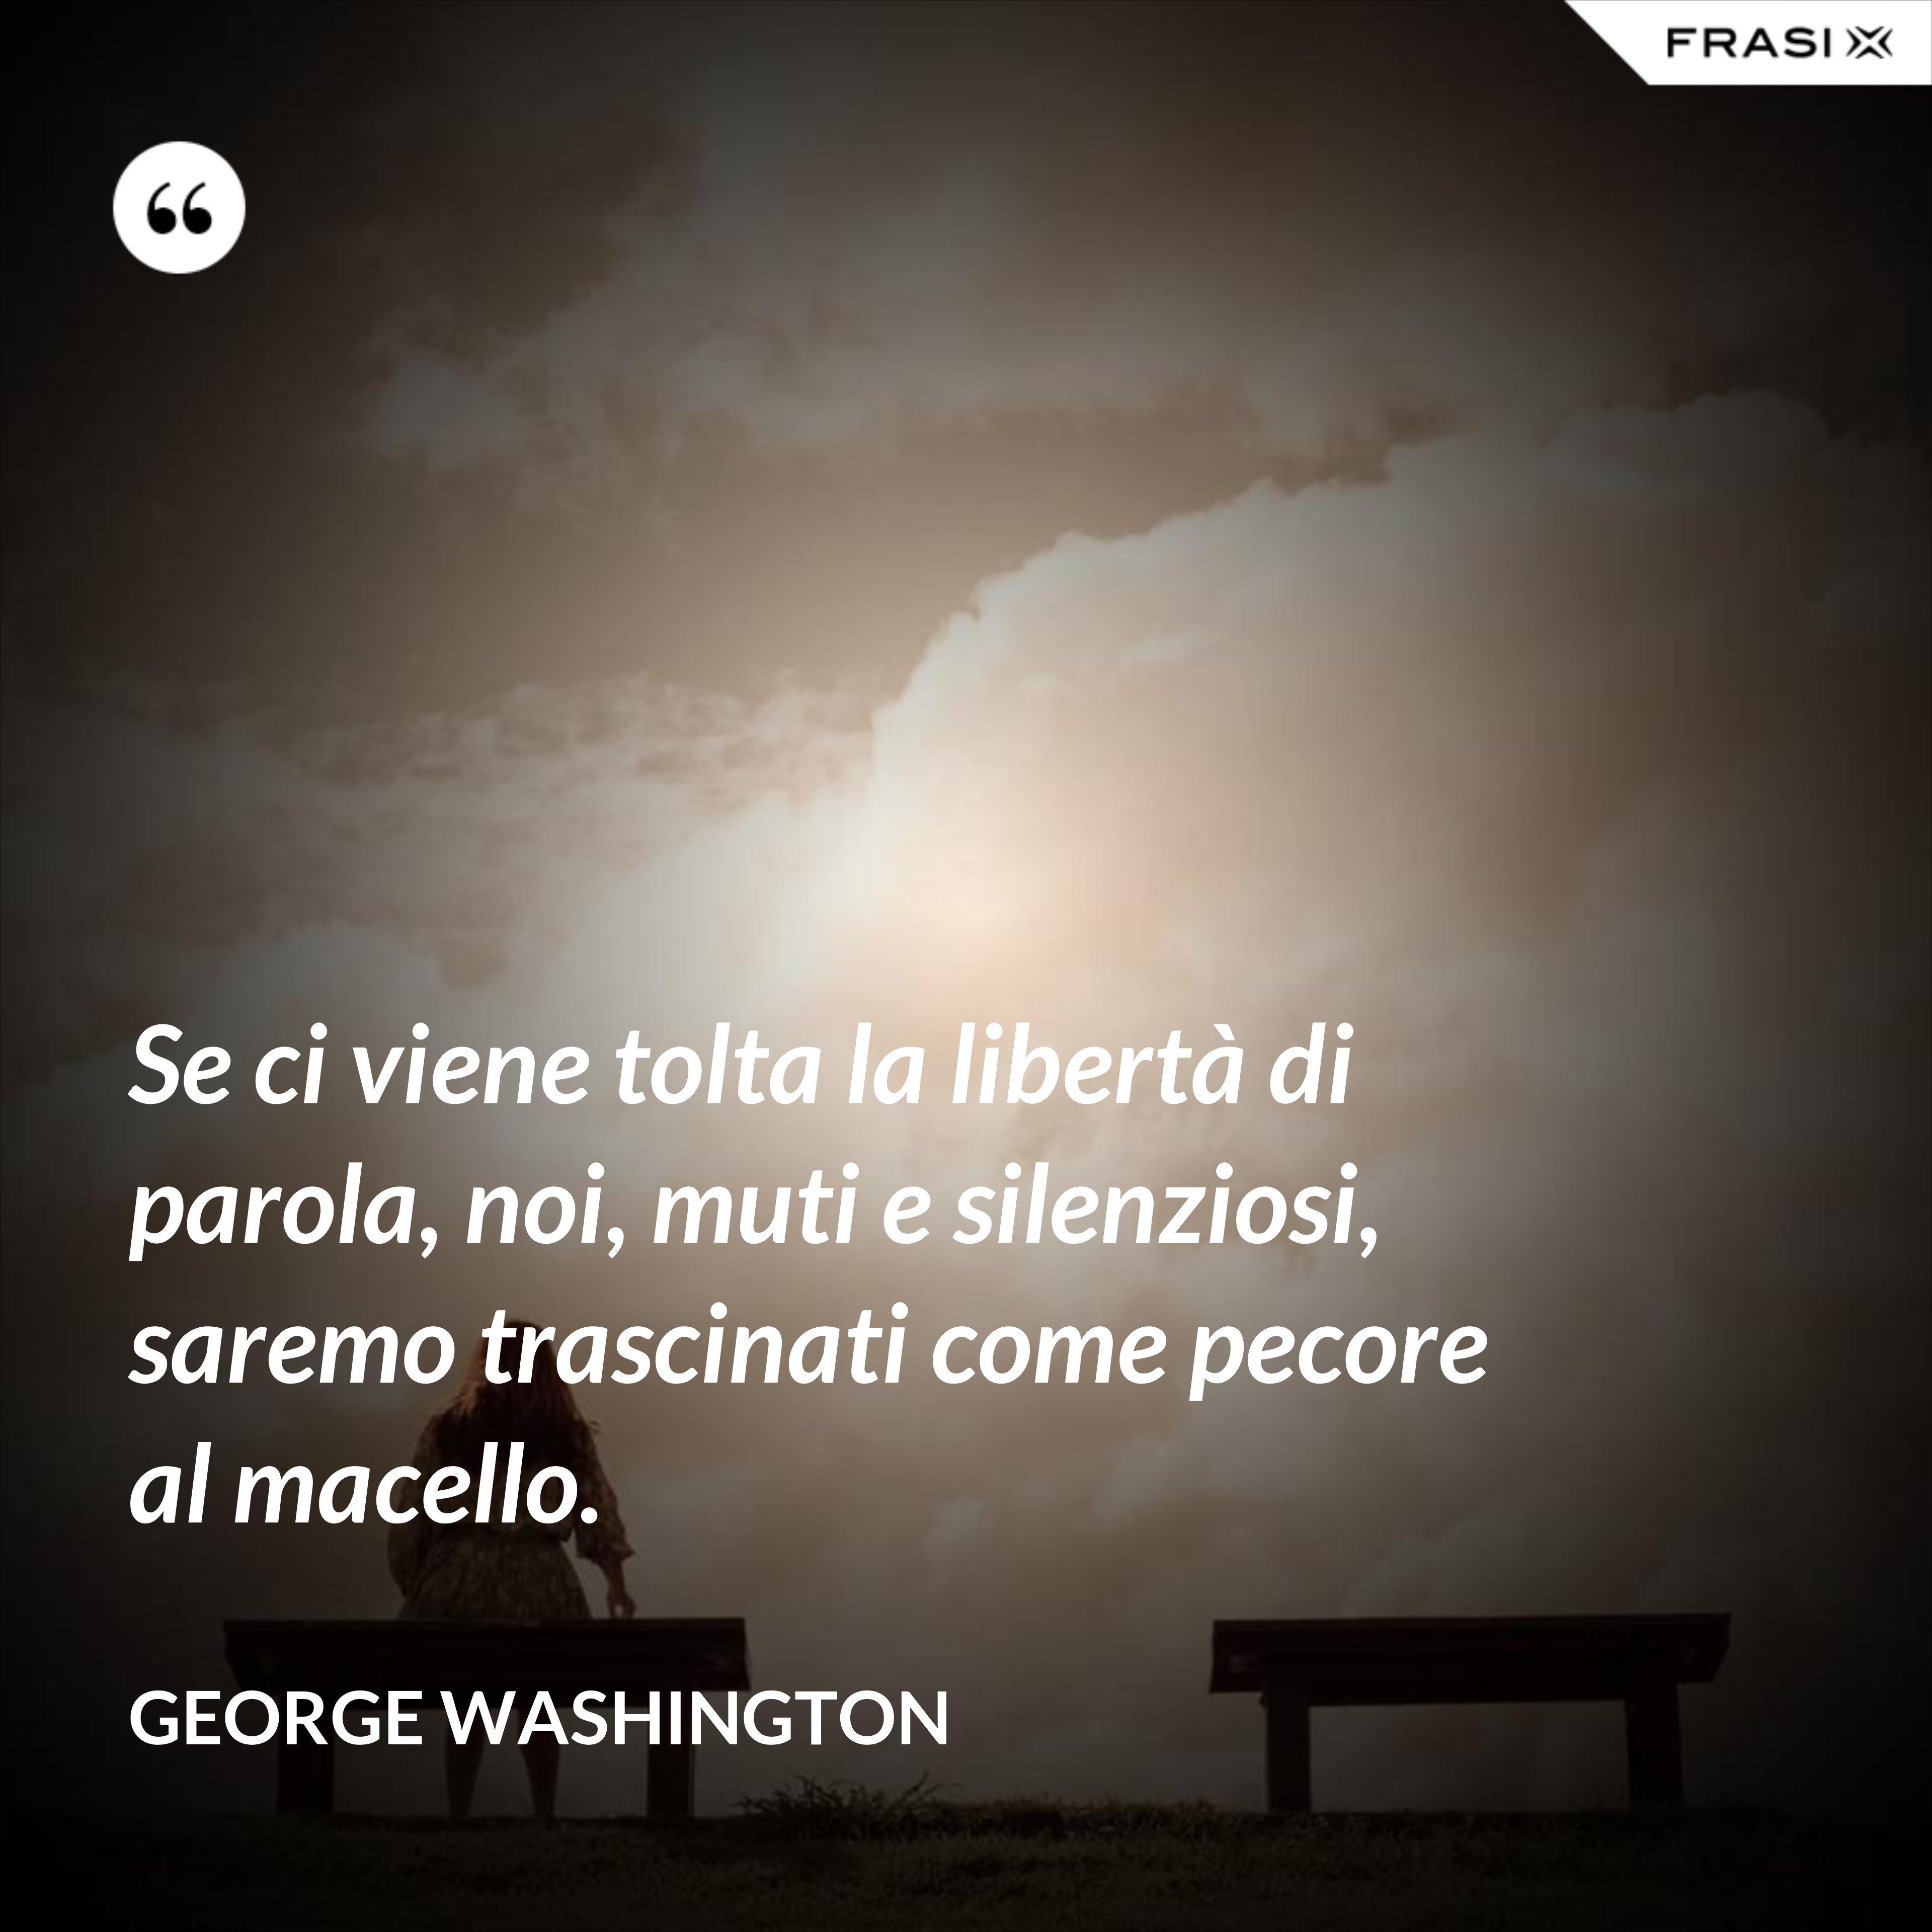 Se ci viene tolta la libertà di parola, noi, muti e silenziosi, saremo trascinati come pecore al macello. - George Washington